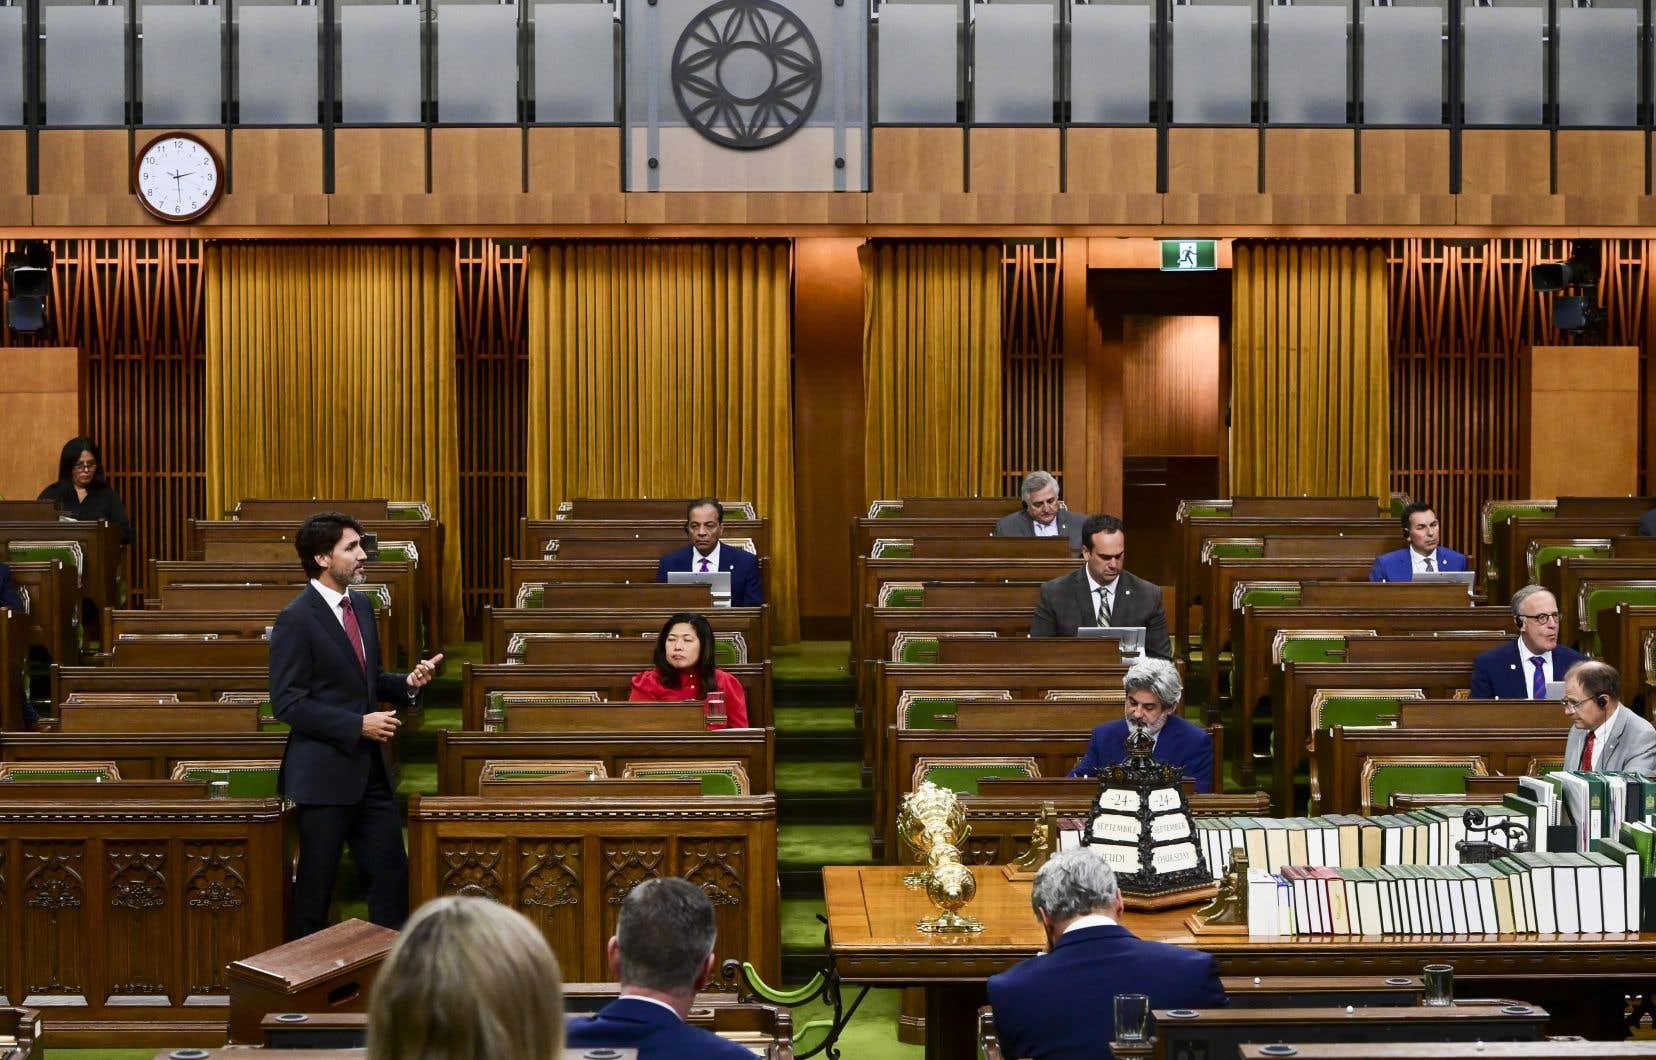 Le premier ministre, Justin Trudeau, a répondu aux questions des partis de l'opposition jeudi, au lendemain, de la lecture du discours du Trône. Comme on peut le constater sur la photo, le nombre de députés en Chambre est restreint en raison des mesures sanitaires.